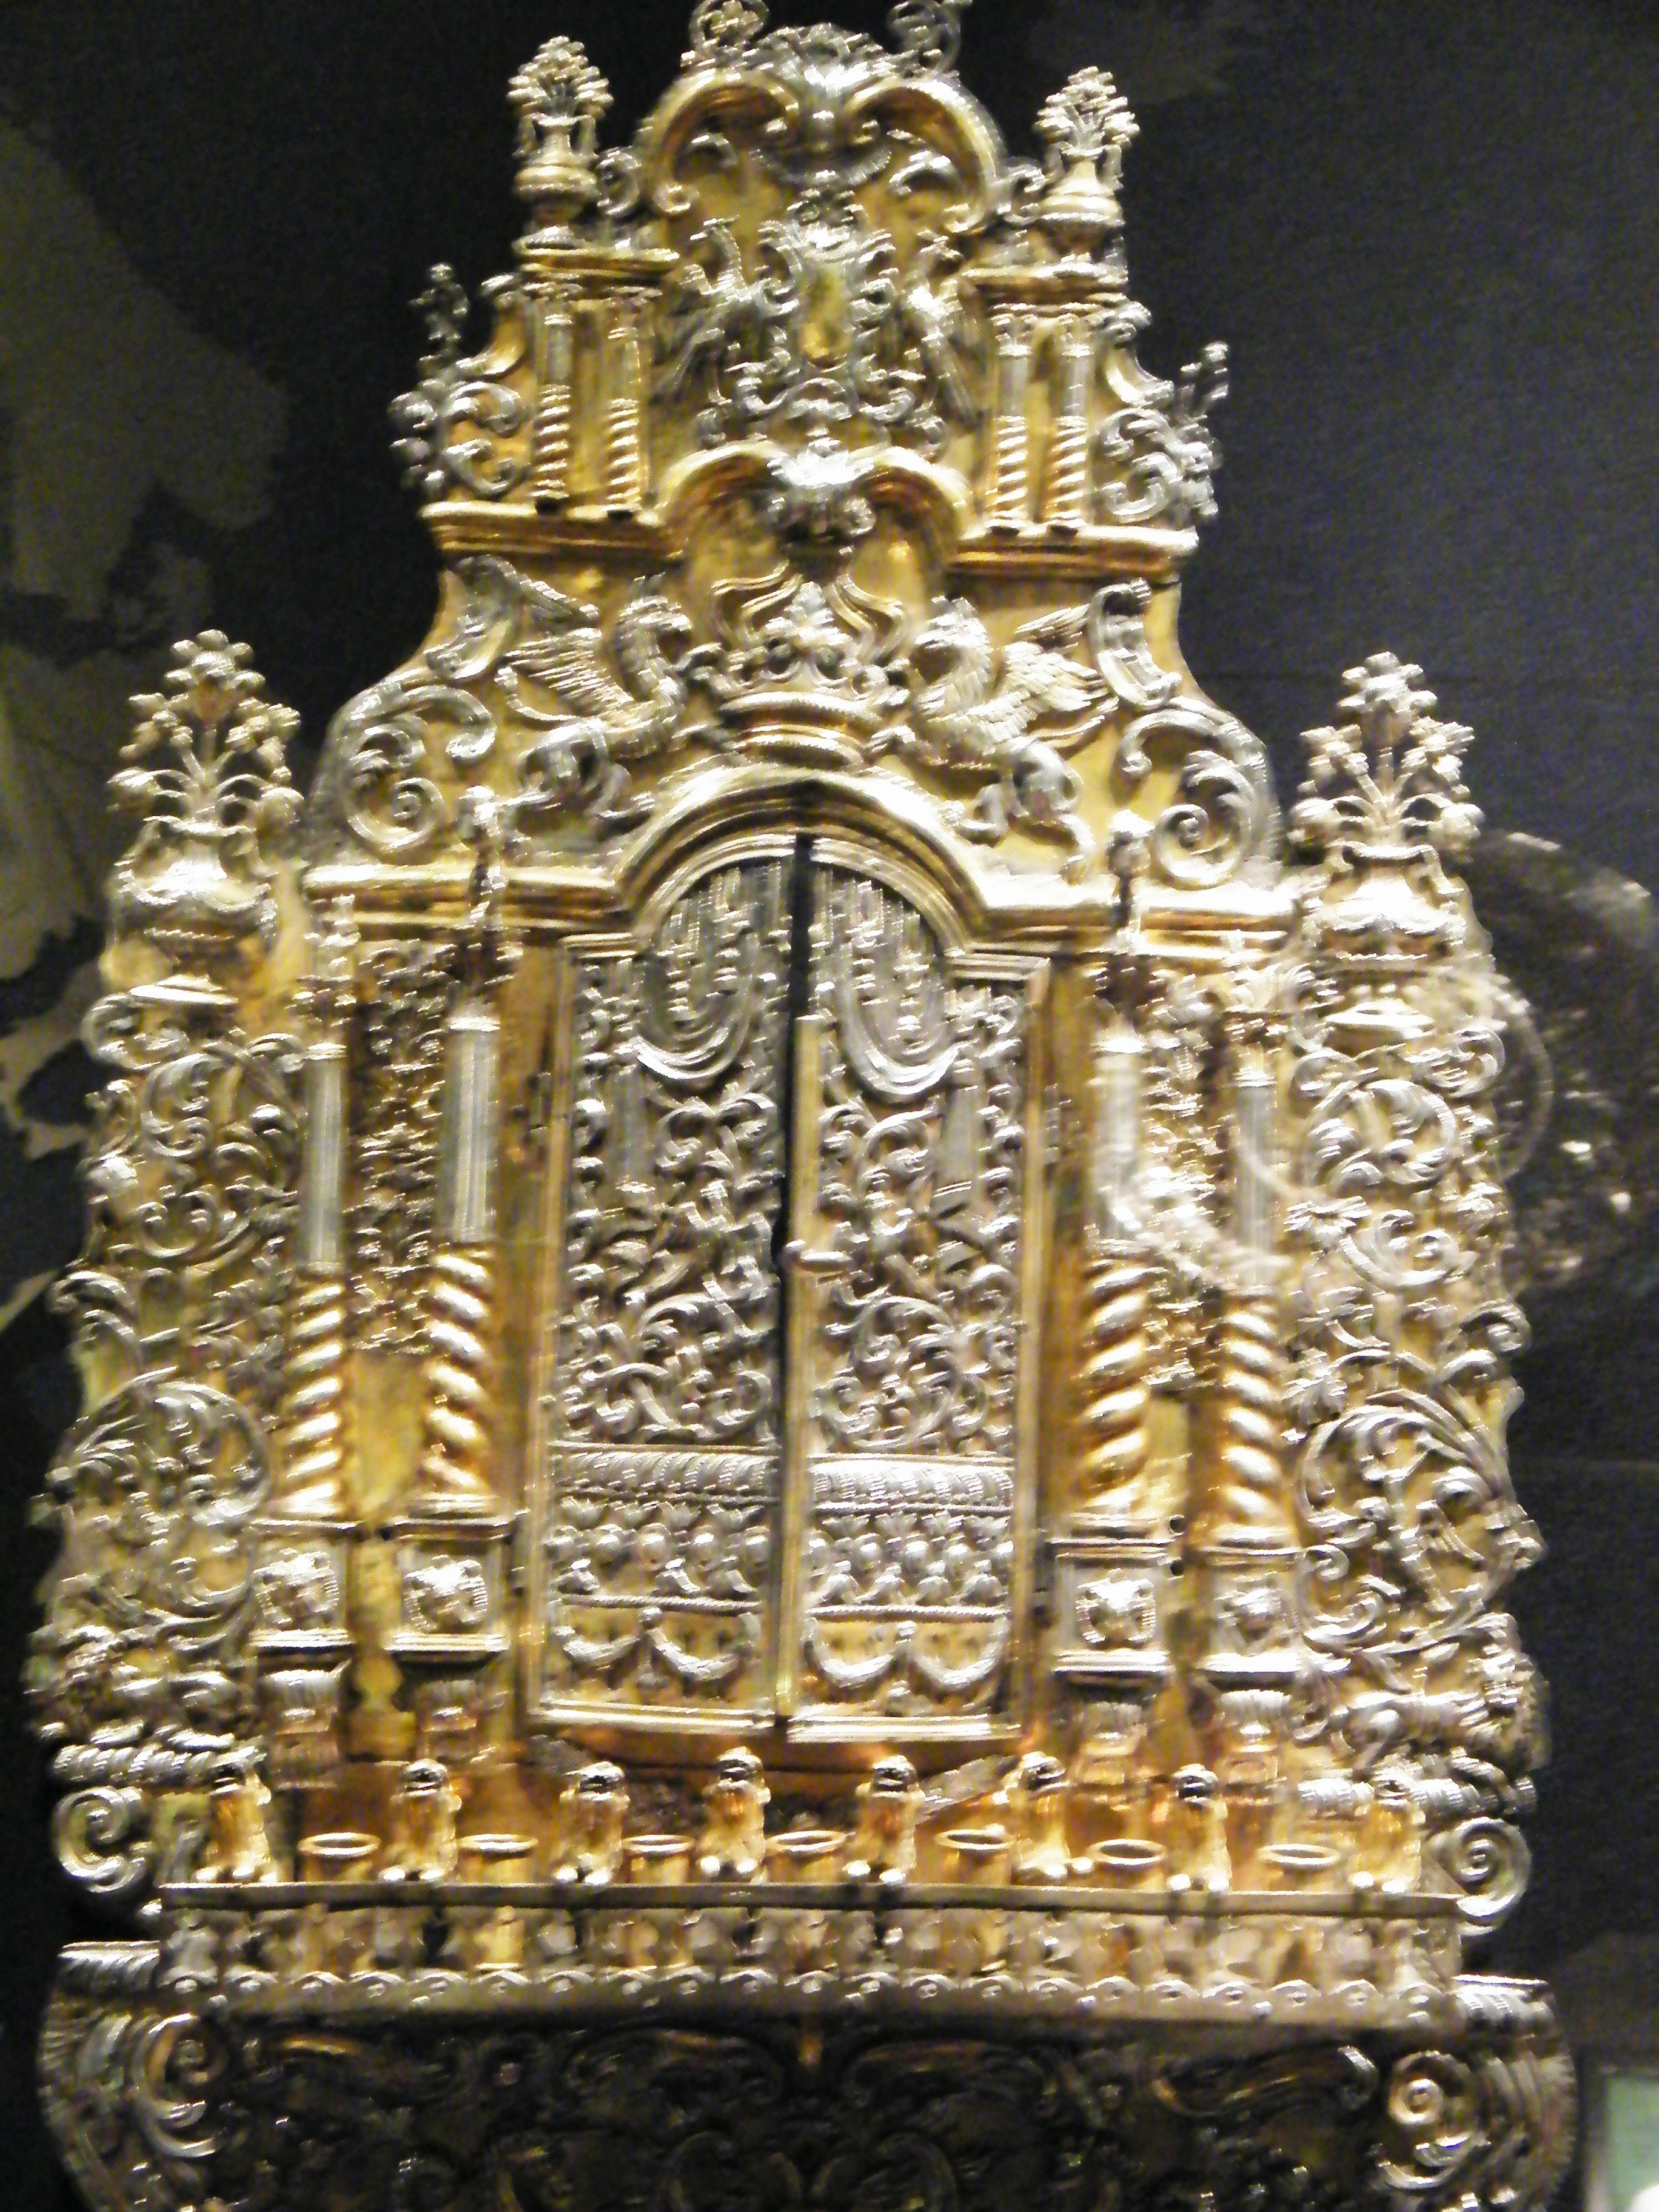 File:WLA jewishmuseum Hanukkah Lamp 3.jpg - Wikimedia Commons